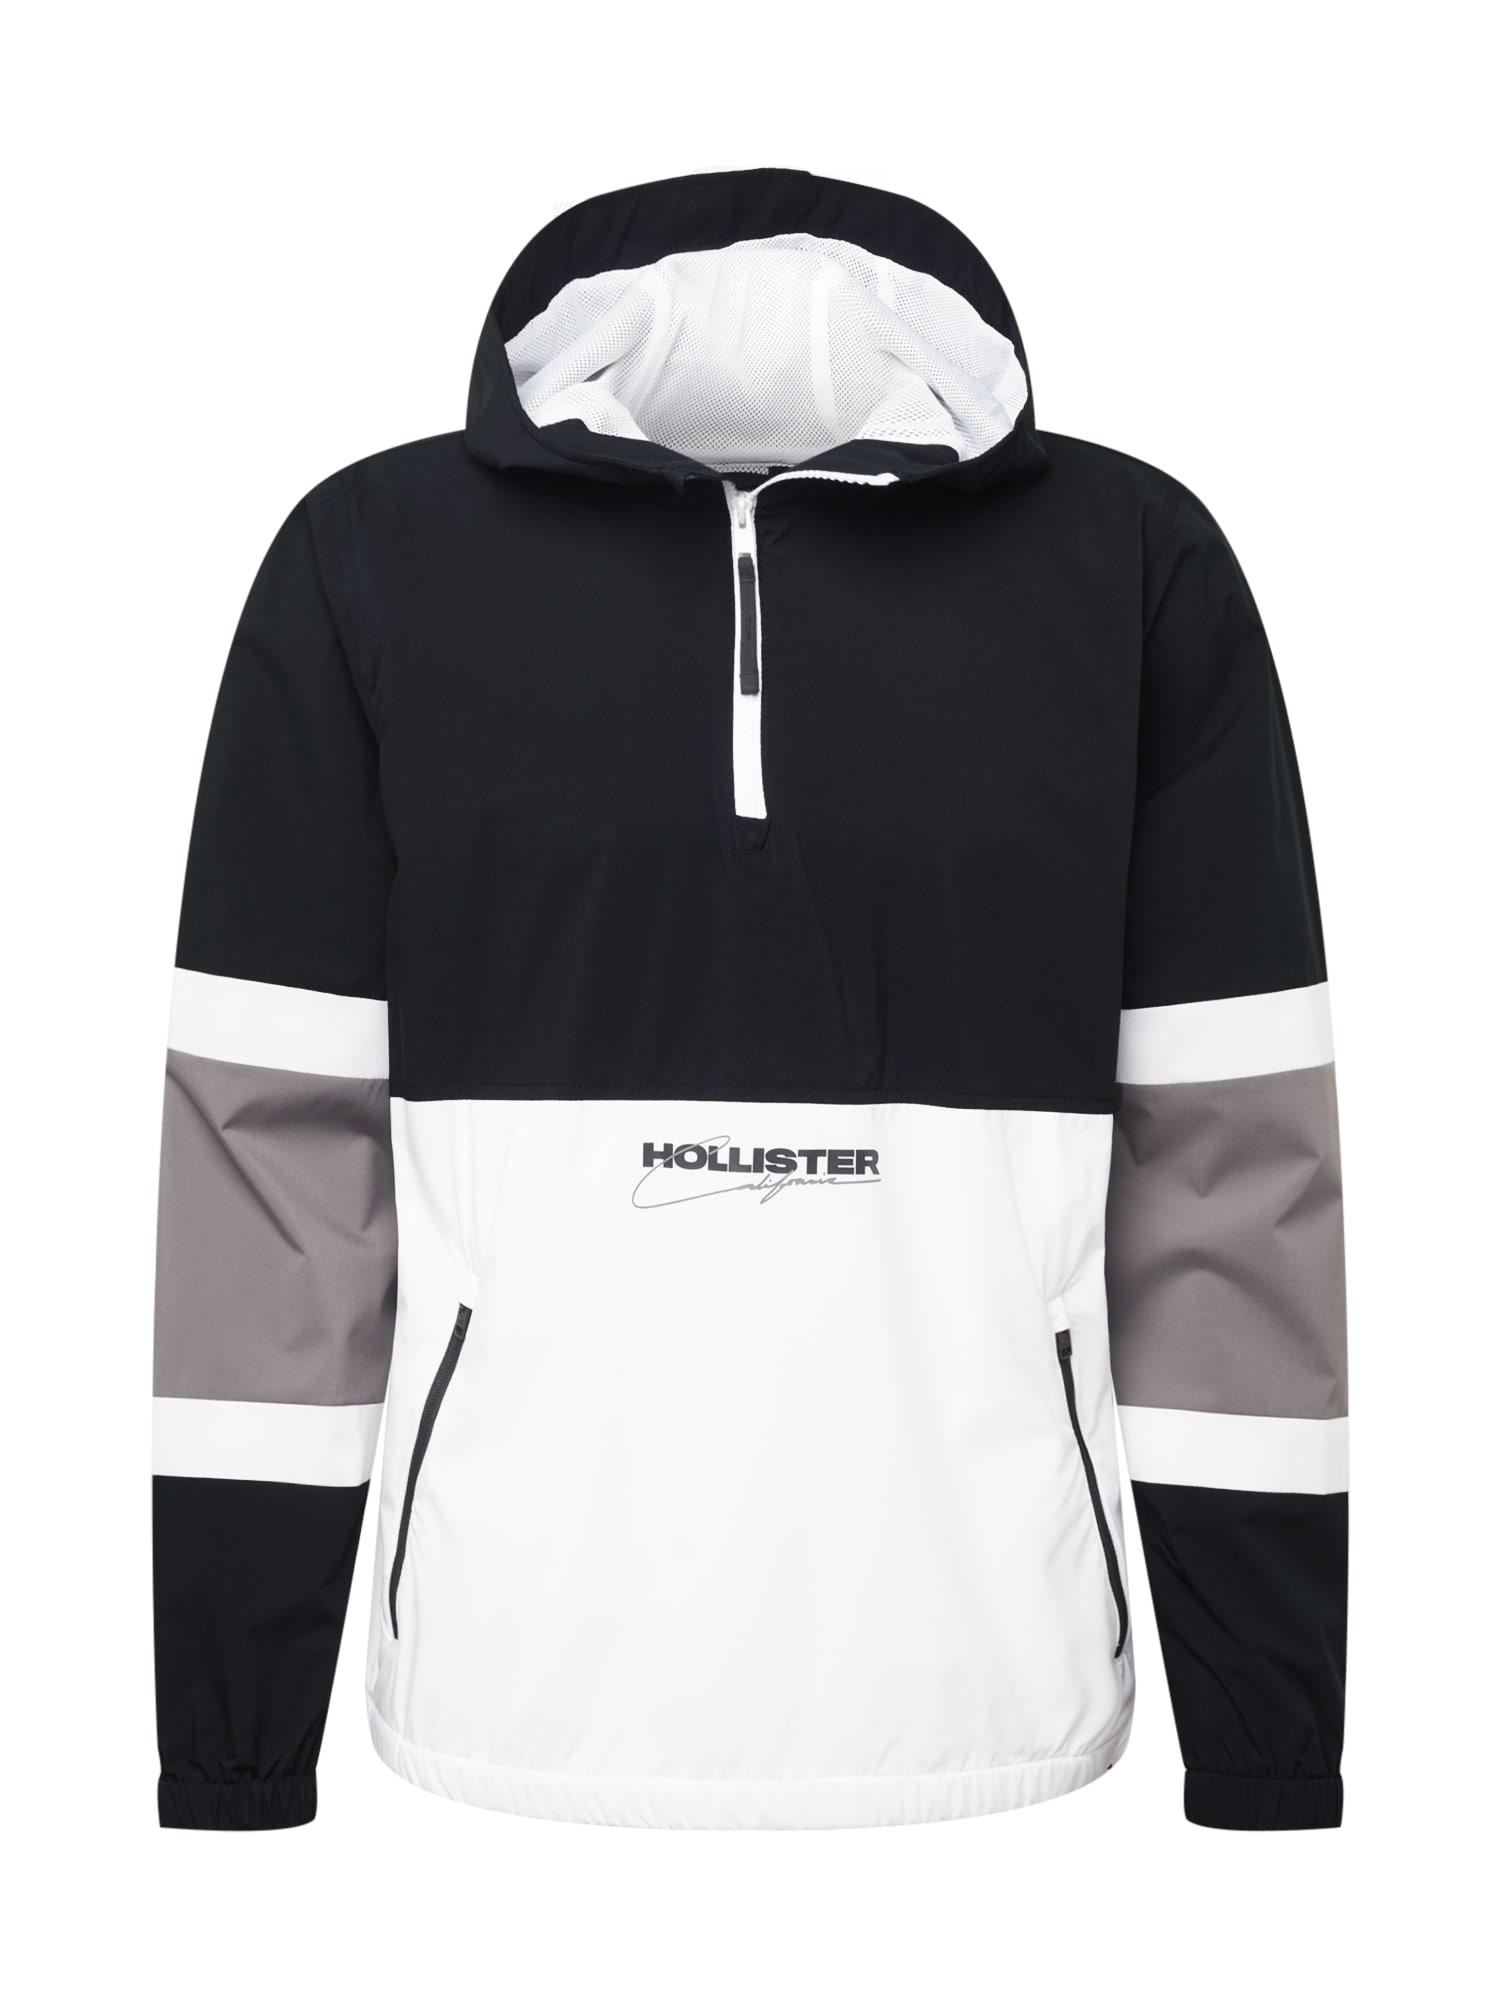 HOLLISTER Demisezoninė striukė juoda / šviesiai pilka / balta